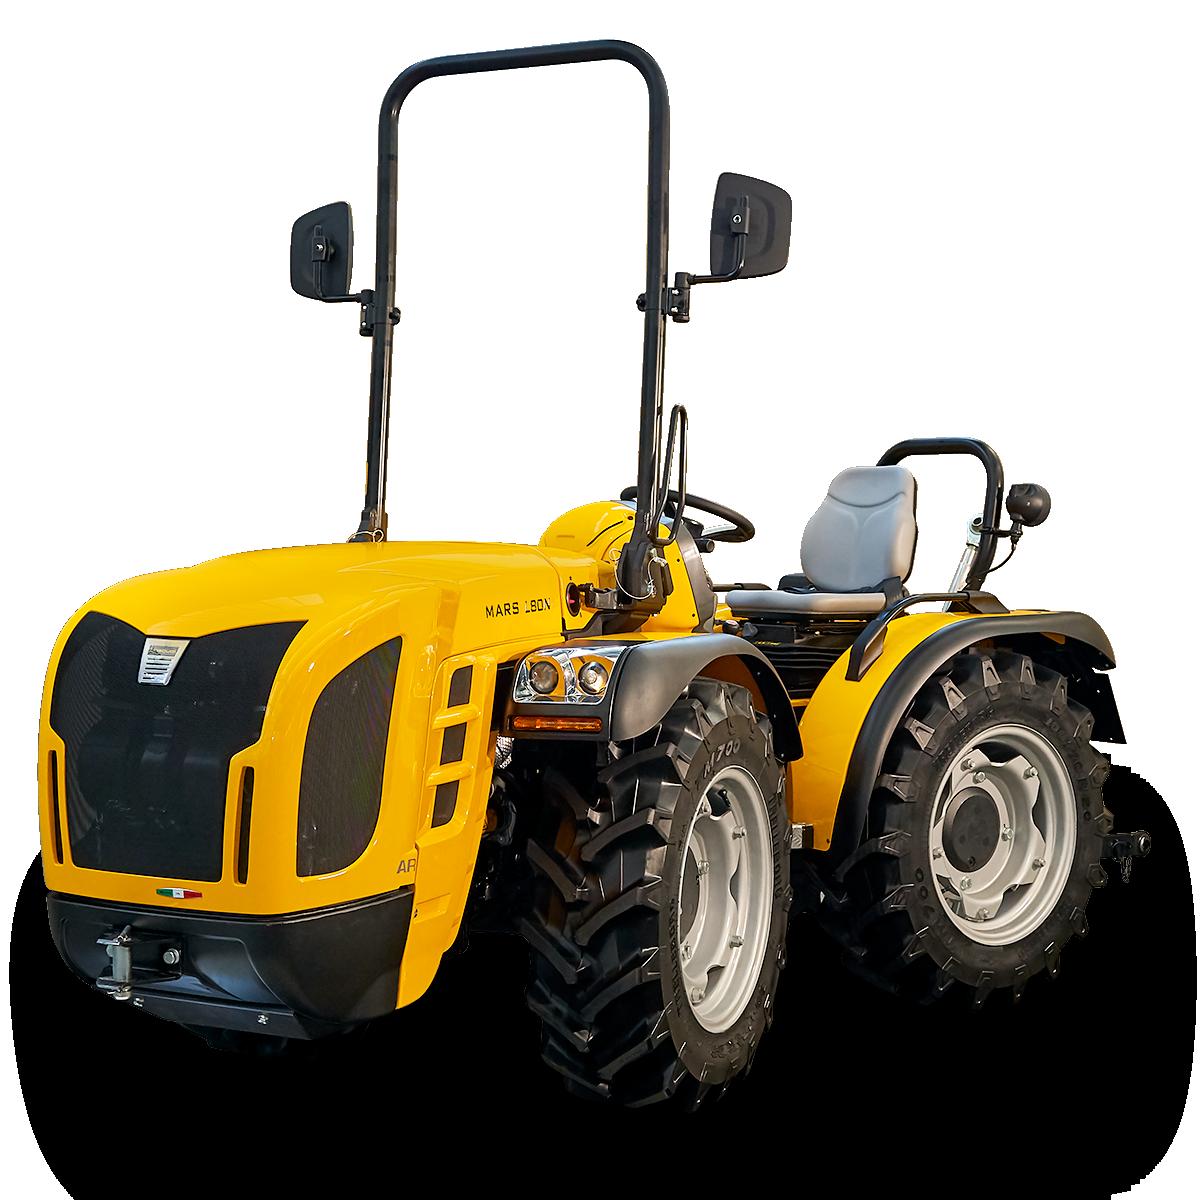 Pasquali Tractor Bomba de Freno Remolque